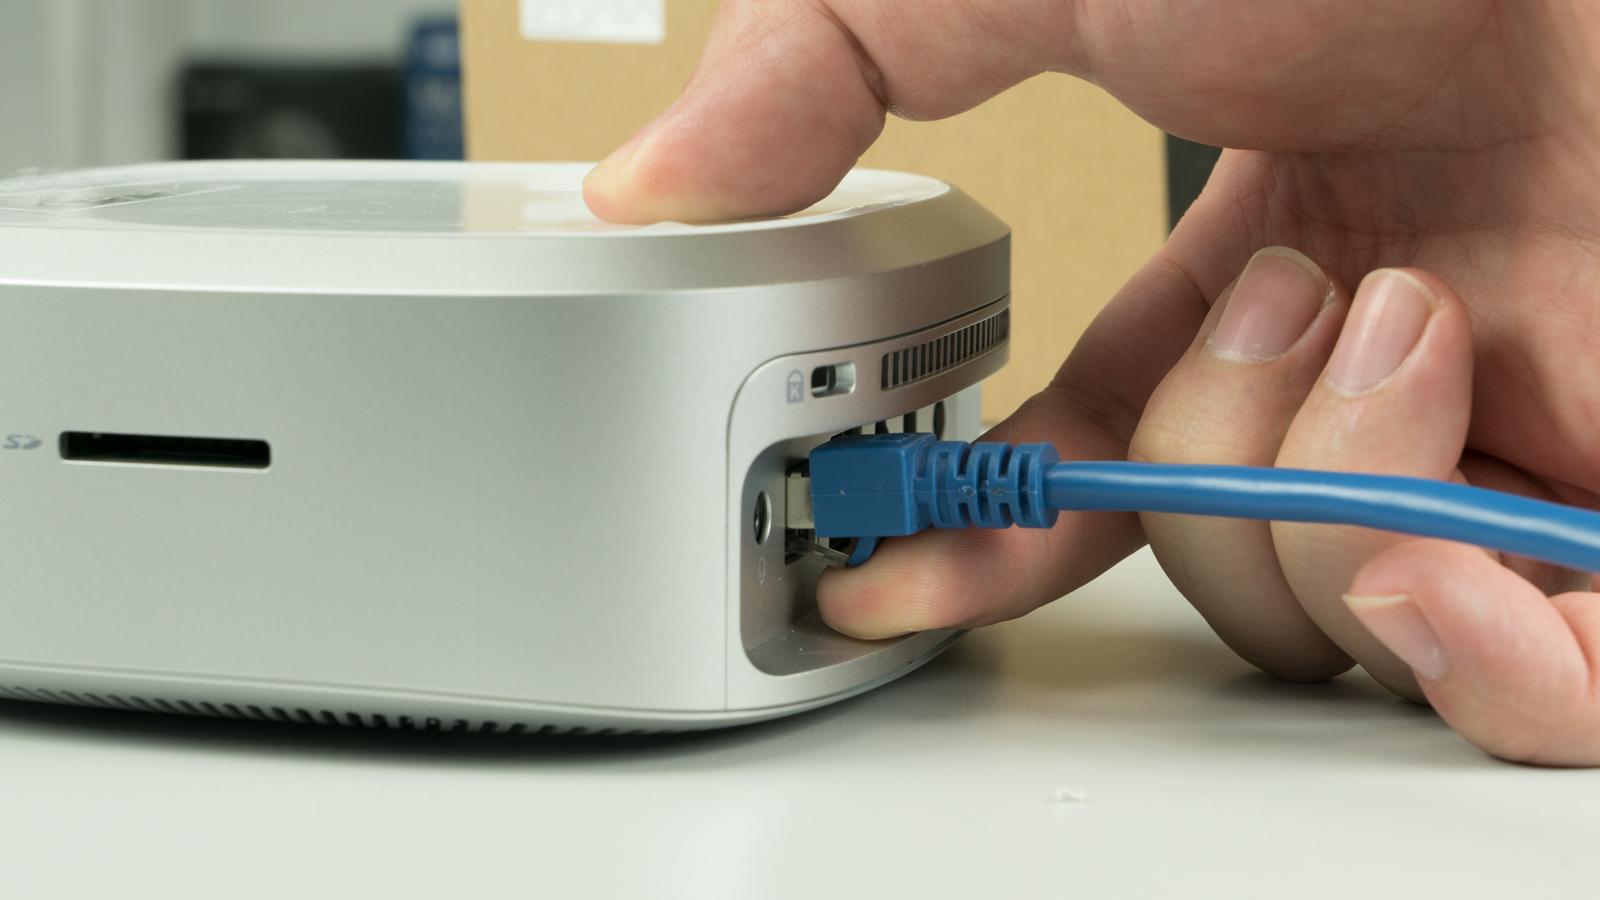 Die Anzahl An Anschlssen Ist Ansonsten Ausreichend Alles Was Man So Bentigt Vorhanden Insbesondere Genug USB Anschlsse Und Sogar WLAN Nach Ac